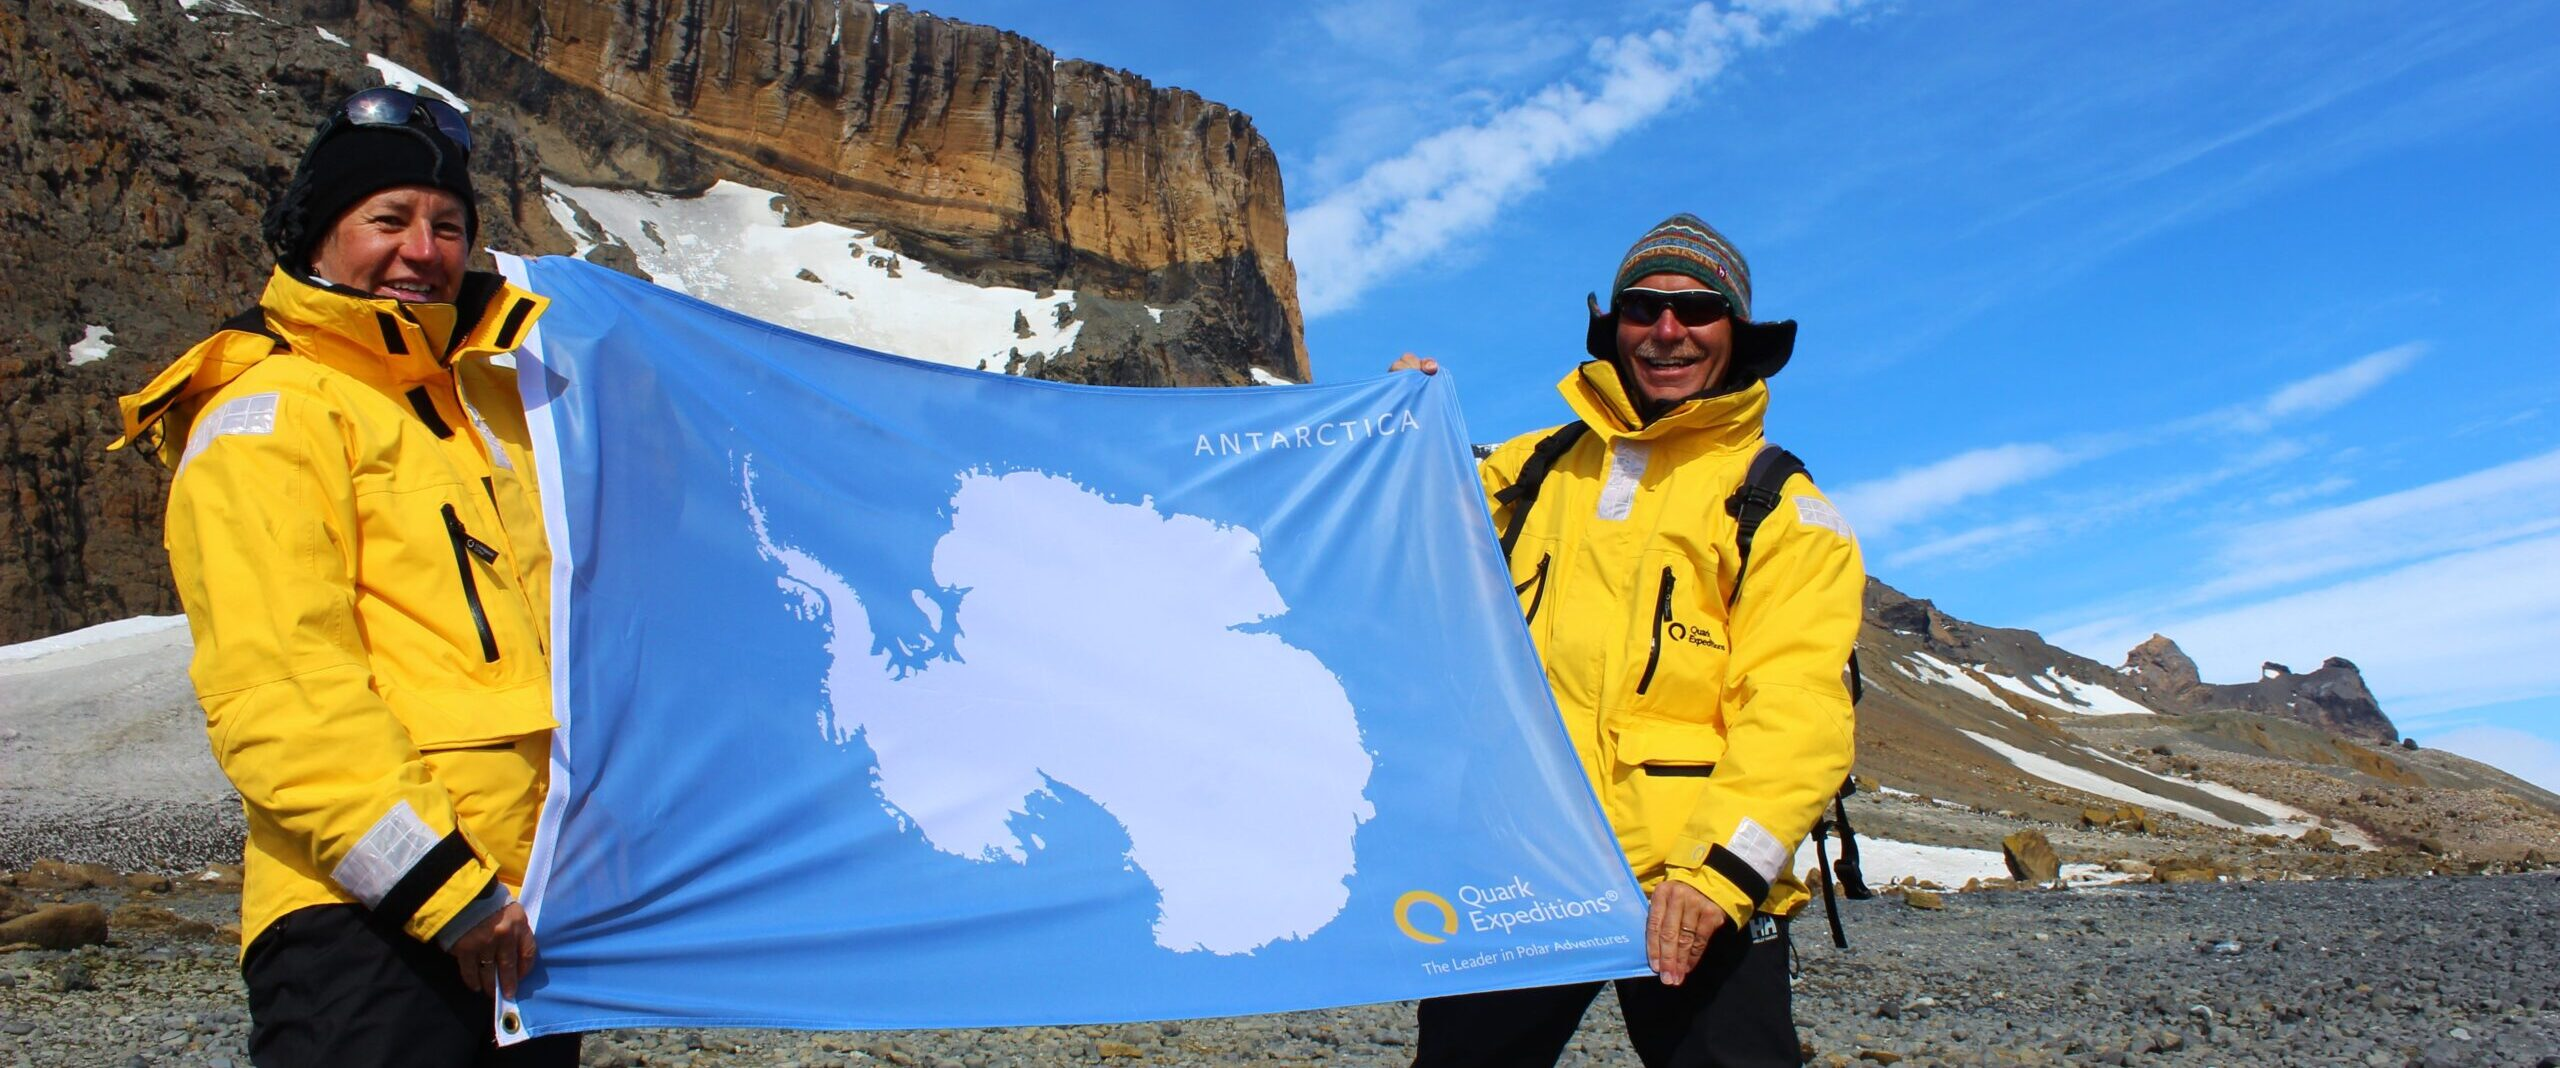 06 – Antarktis-Cruise